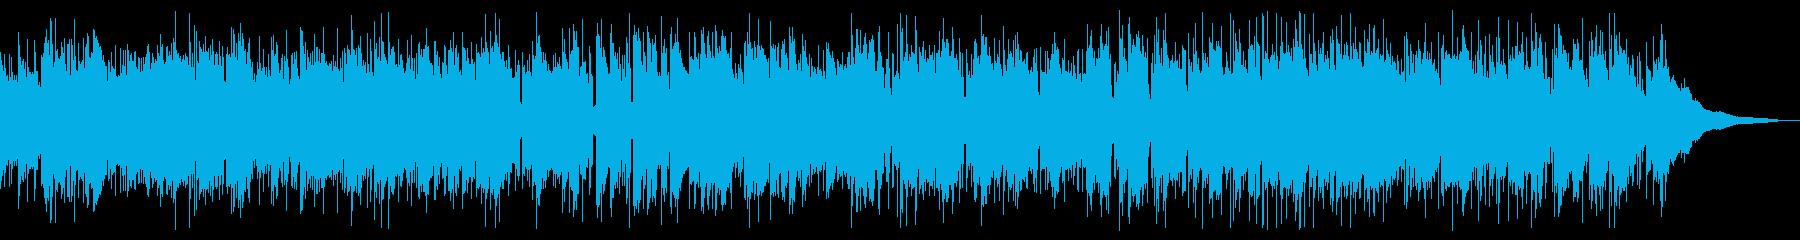 交響曲第40番 アシッドジャズの再生済みの波形